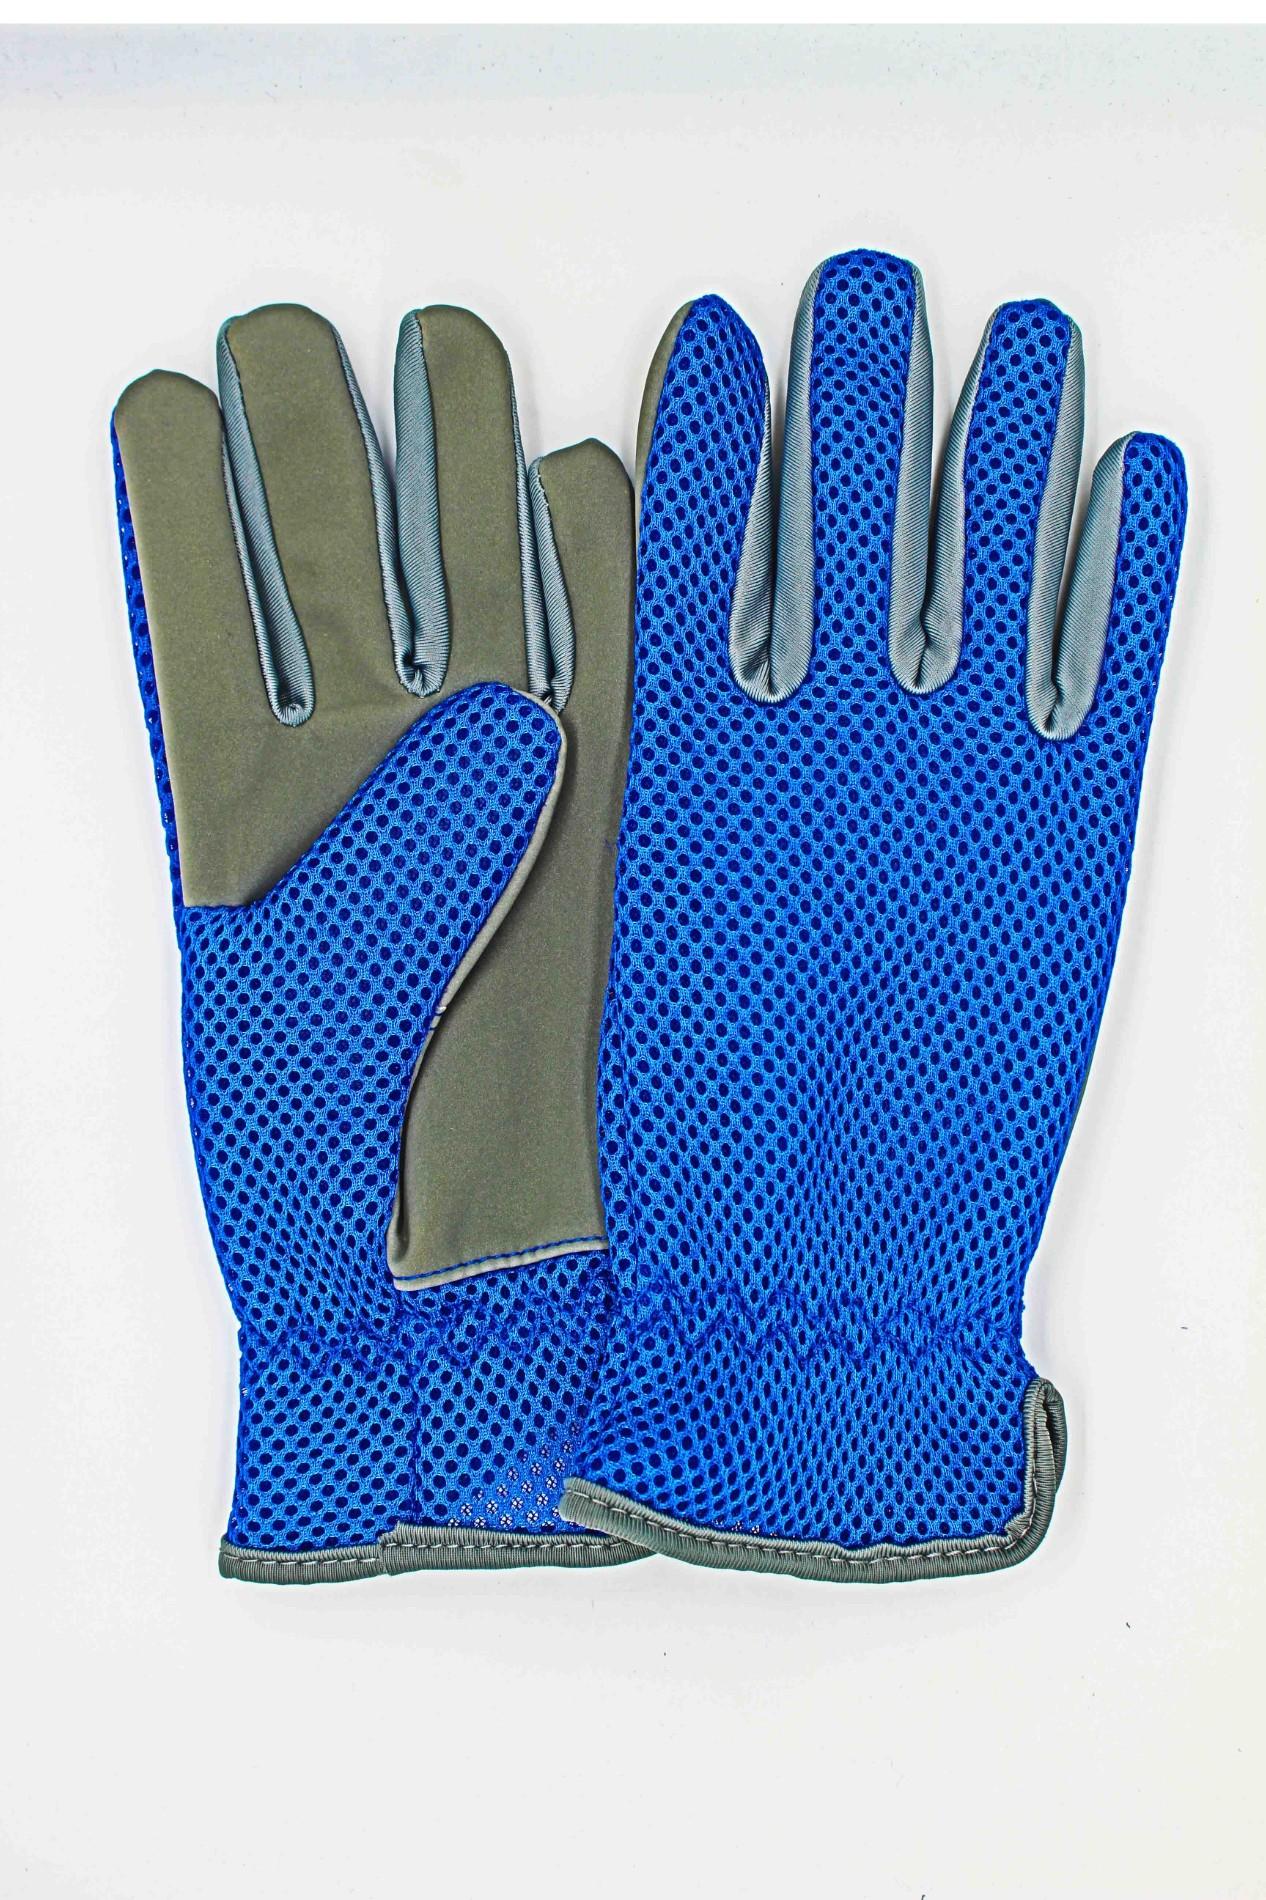 Koop Net Roze Handschoenen. Net Roze Handschoenen Prijzen. Net Roze Handschoenen Brands. Net Roze Handschoenen Fabrikant. Net Roze Handschoenen Quotes. Net Roze Handschoenen Company.